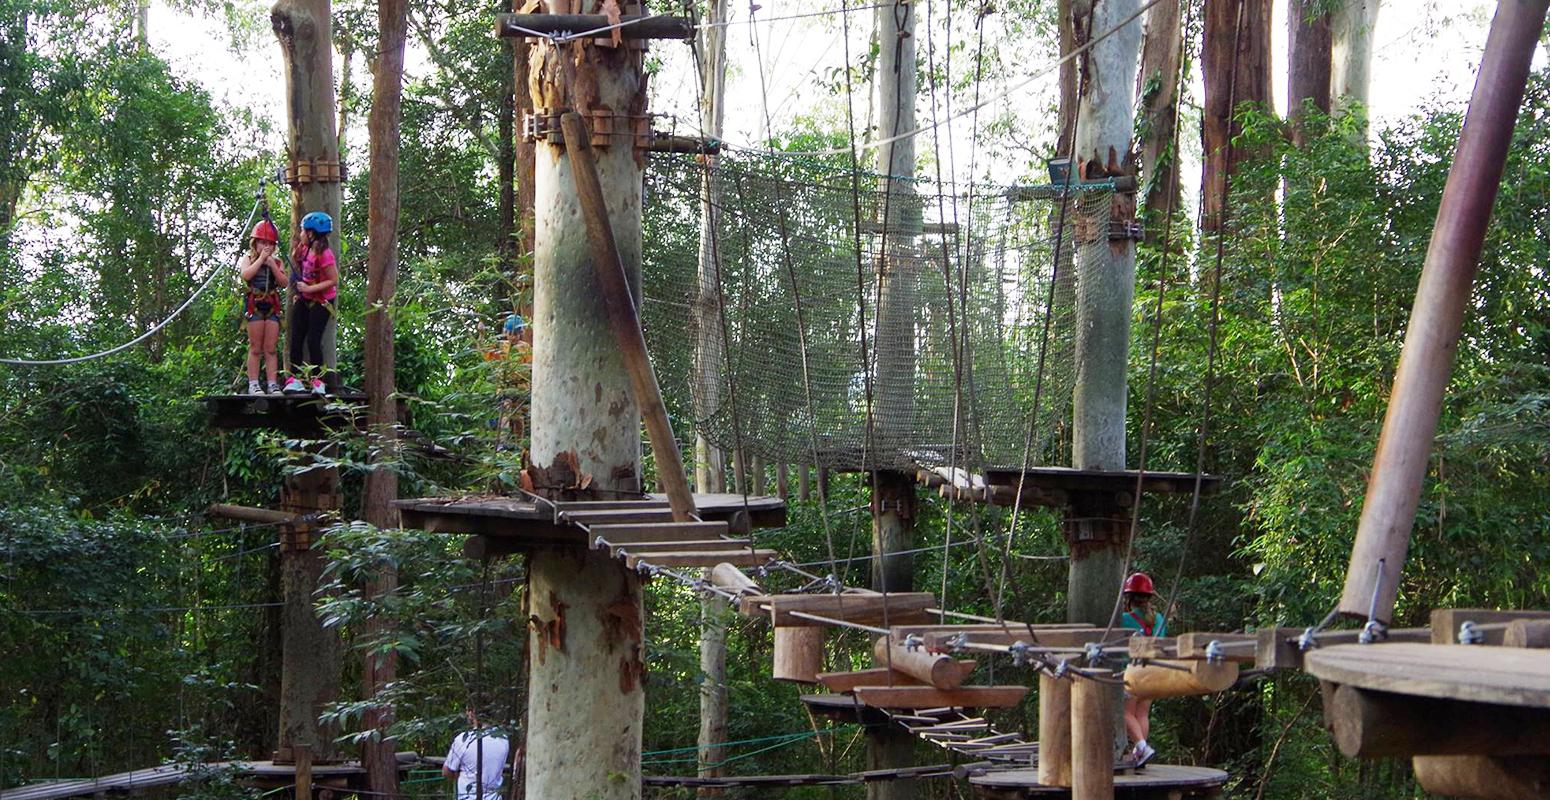 アスレチック 森 木 遊び場